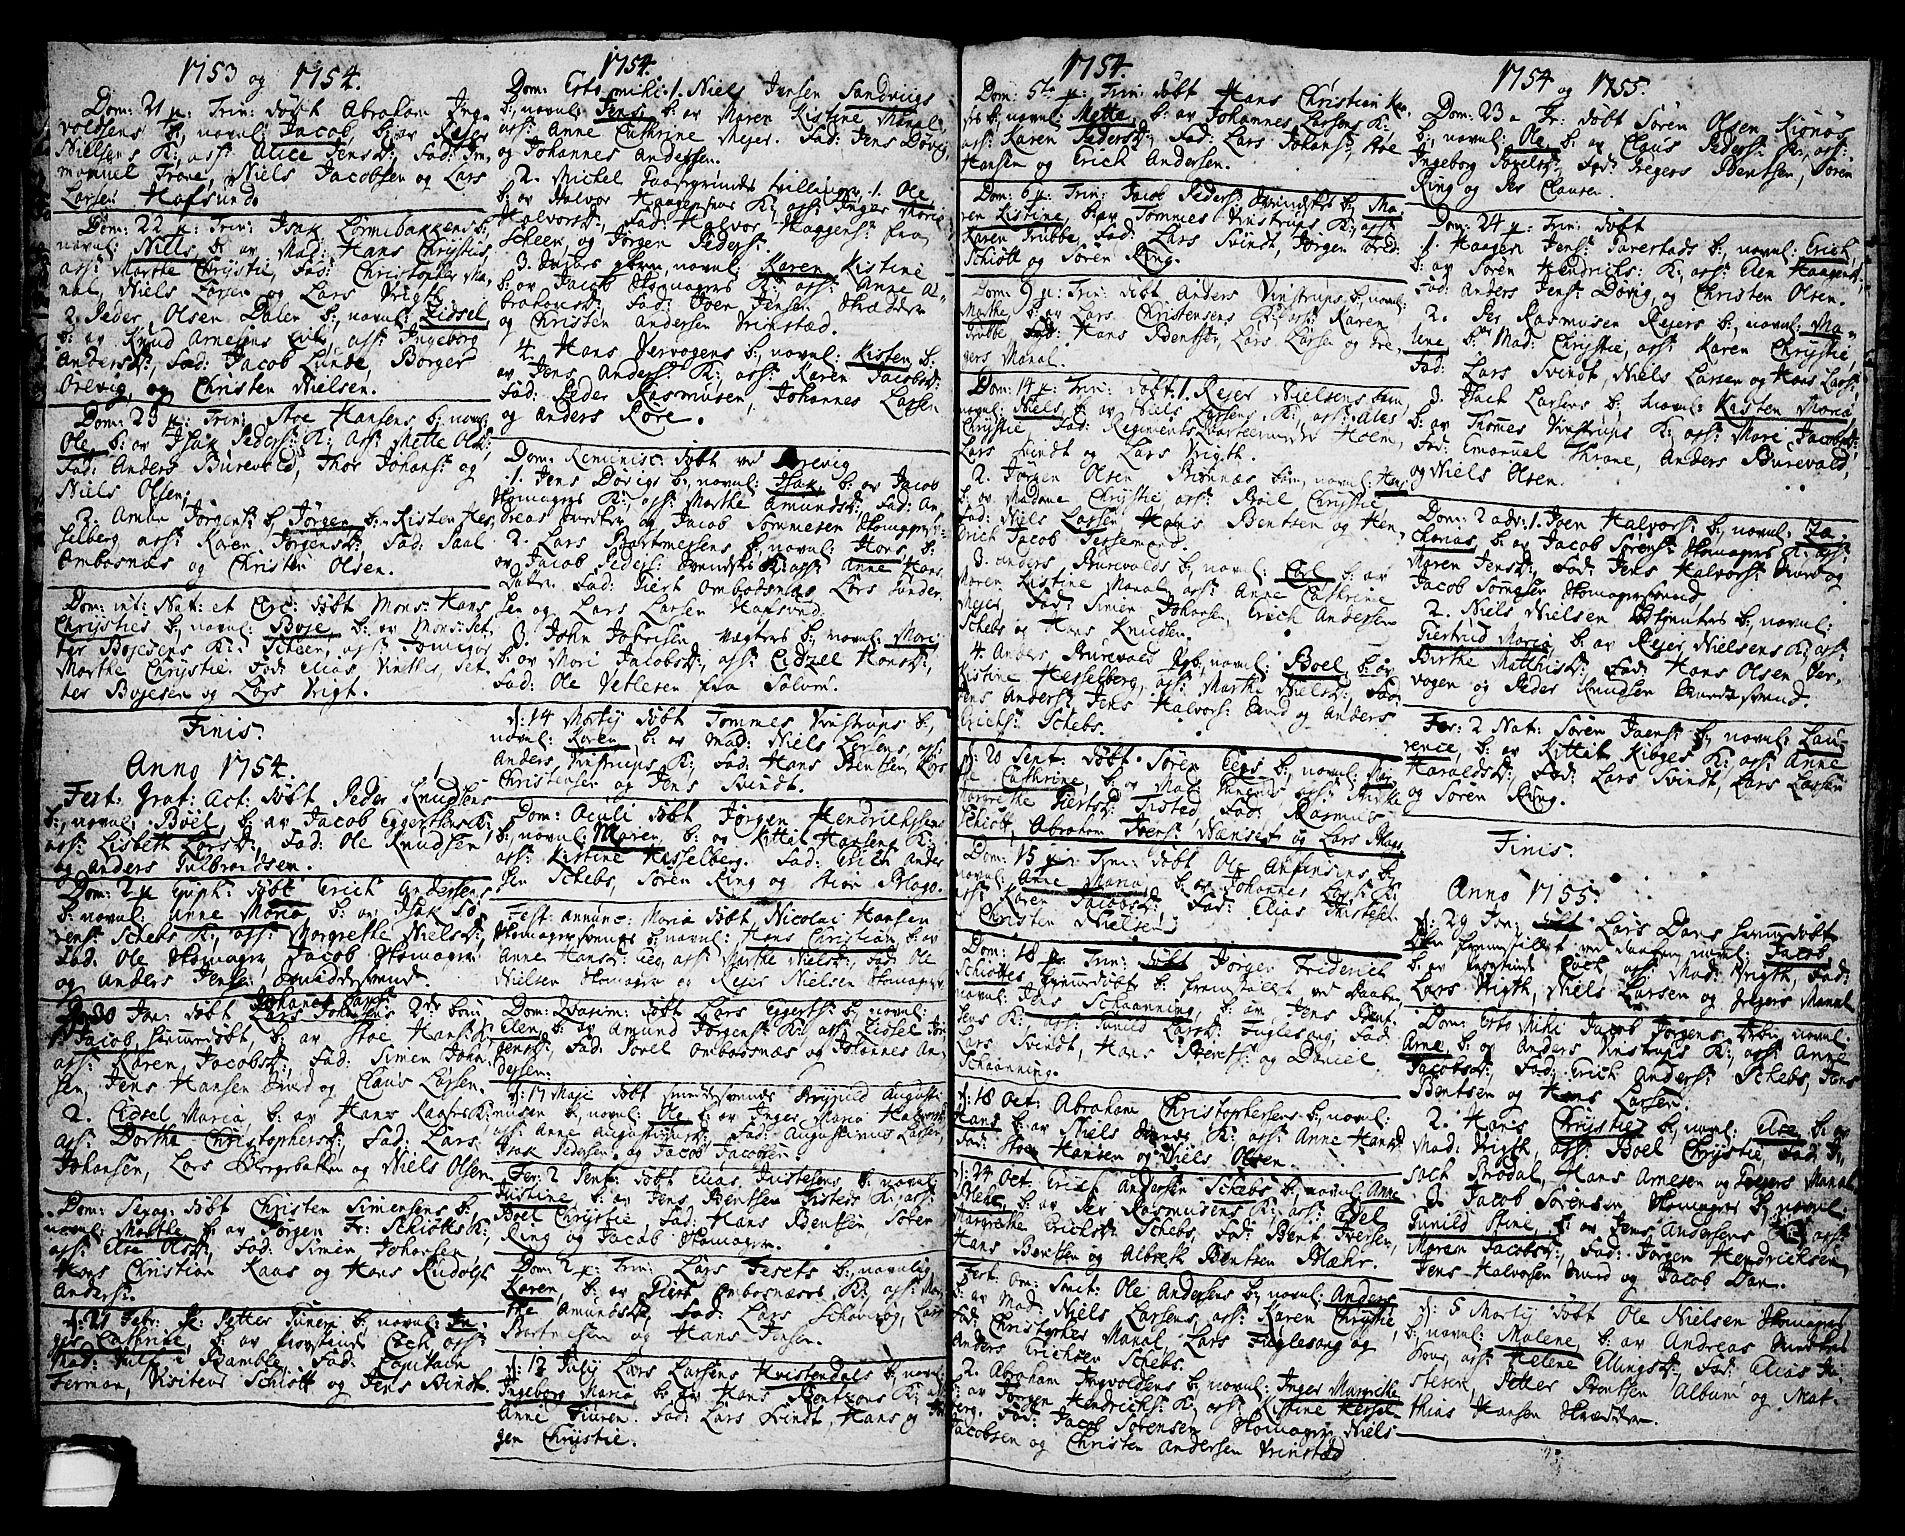 SAKO, Brevik kirkebøker, F/Fa/L0002: Ministerialbok nr. 2, 1720-1764, s. 35c